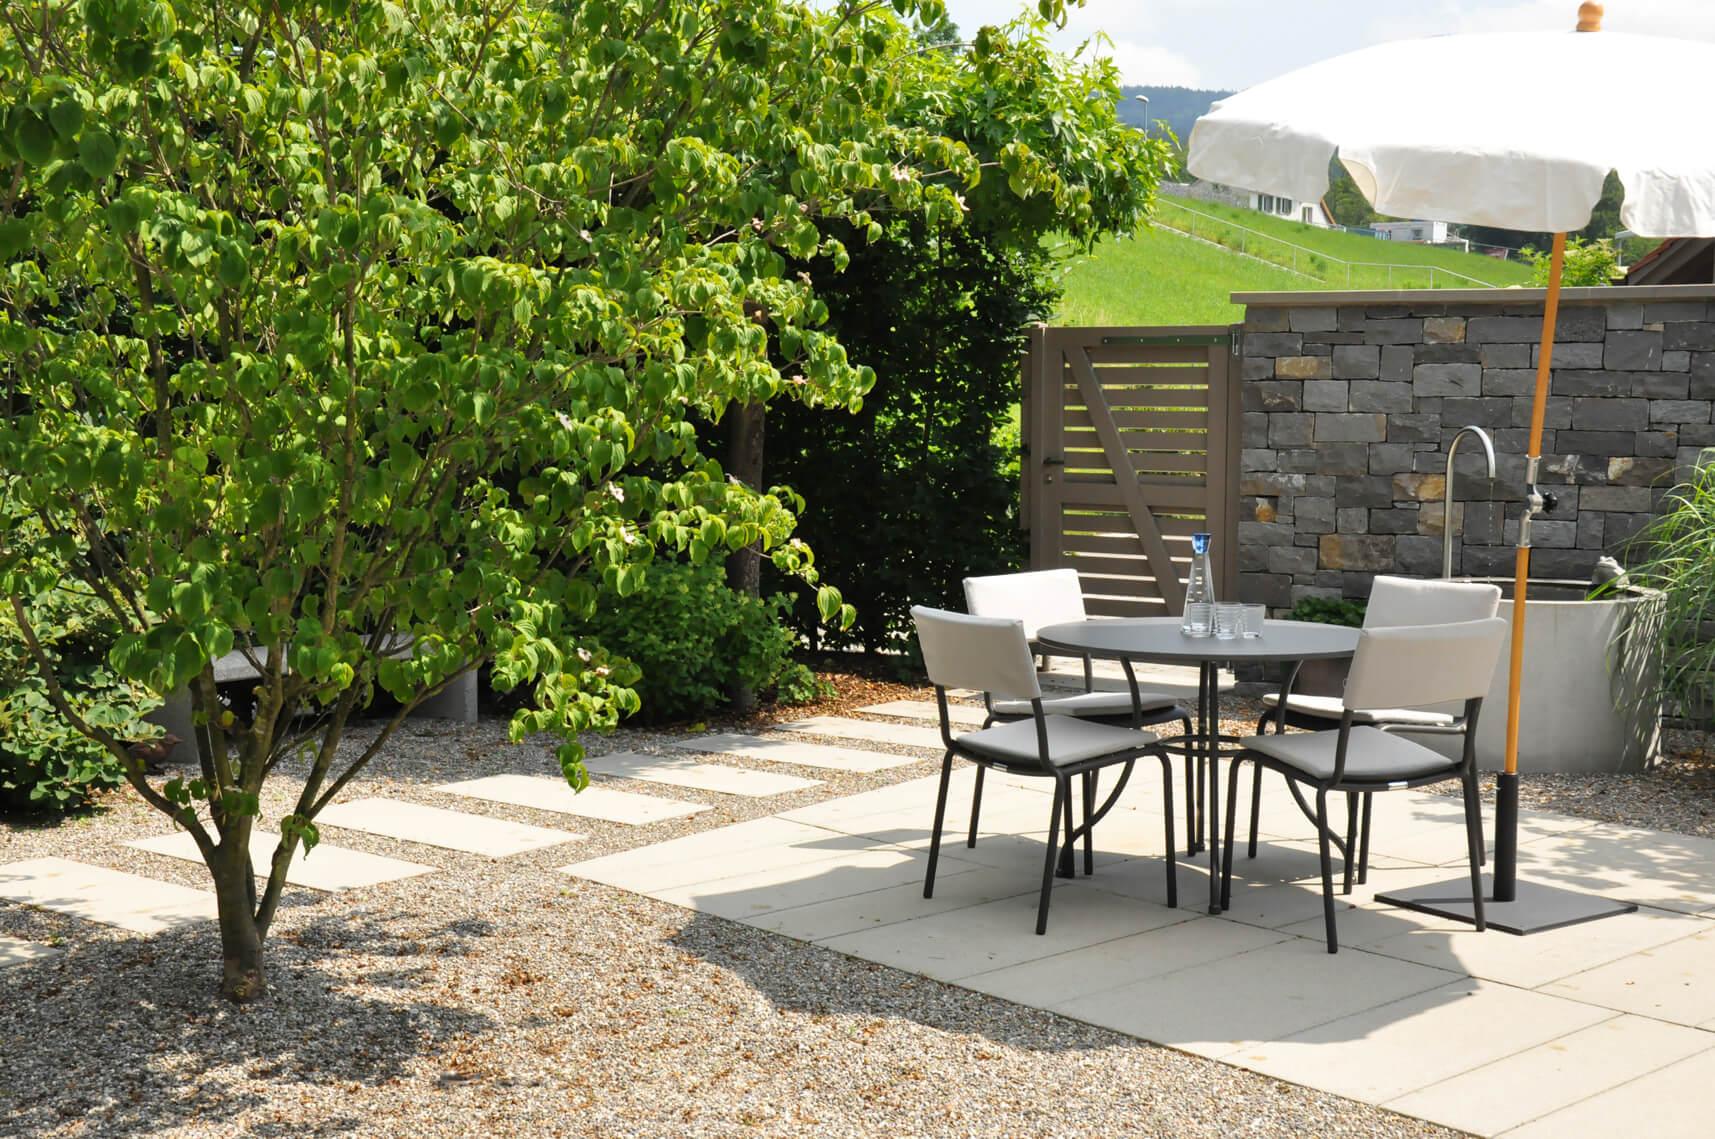 Garten mit weitblick parc 39 s gartengestaltung rapperswil - Gartengestaltung brunnen ...